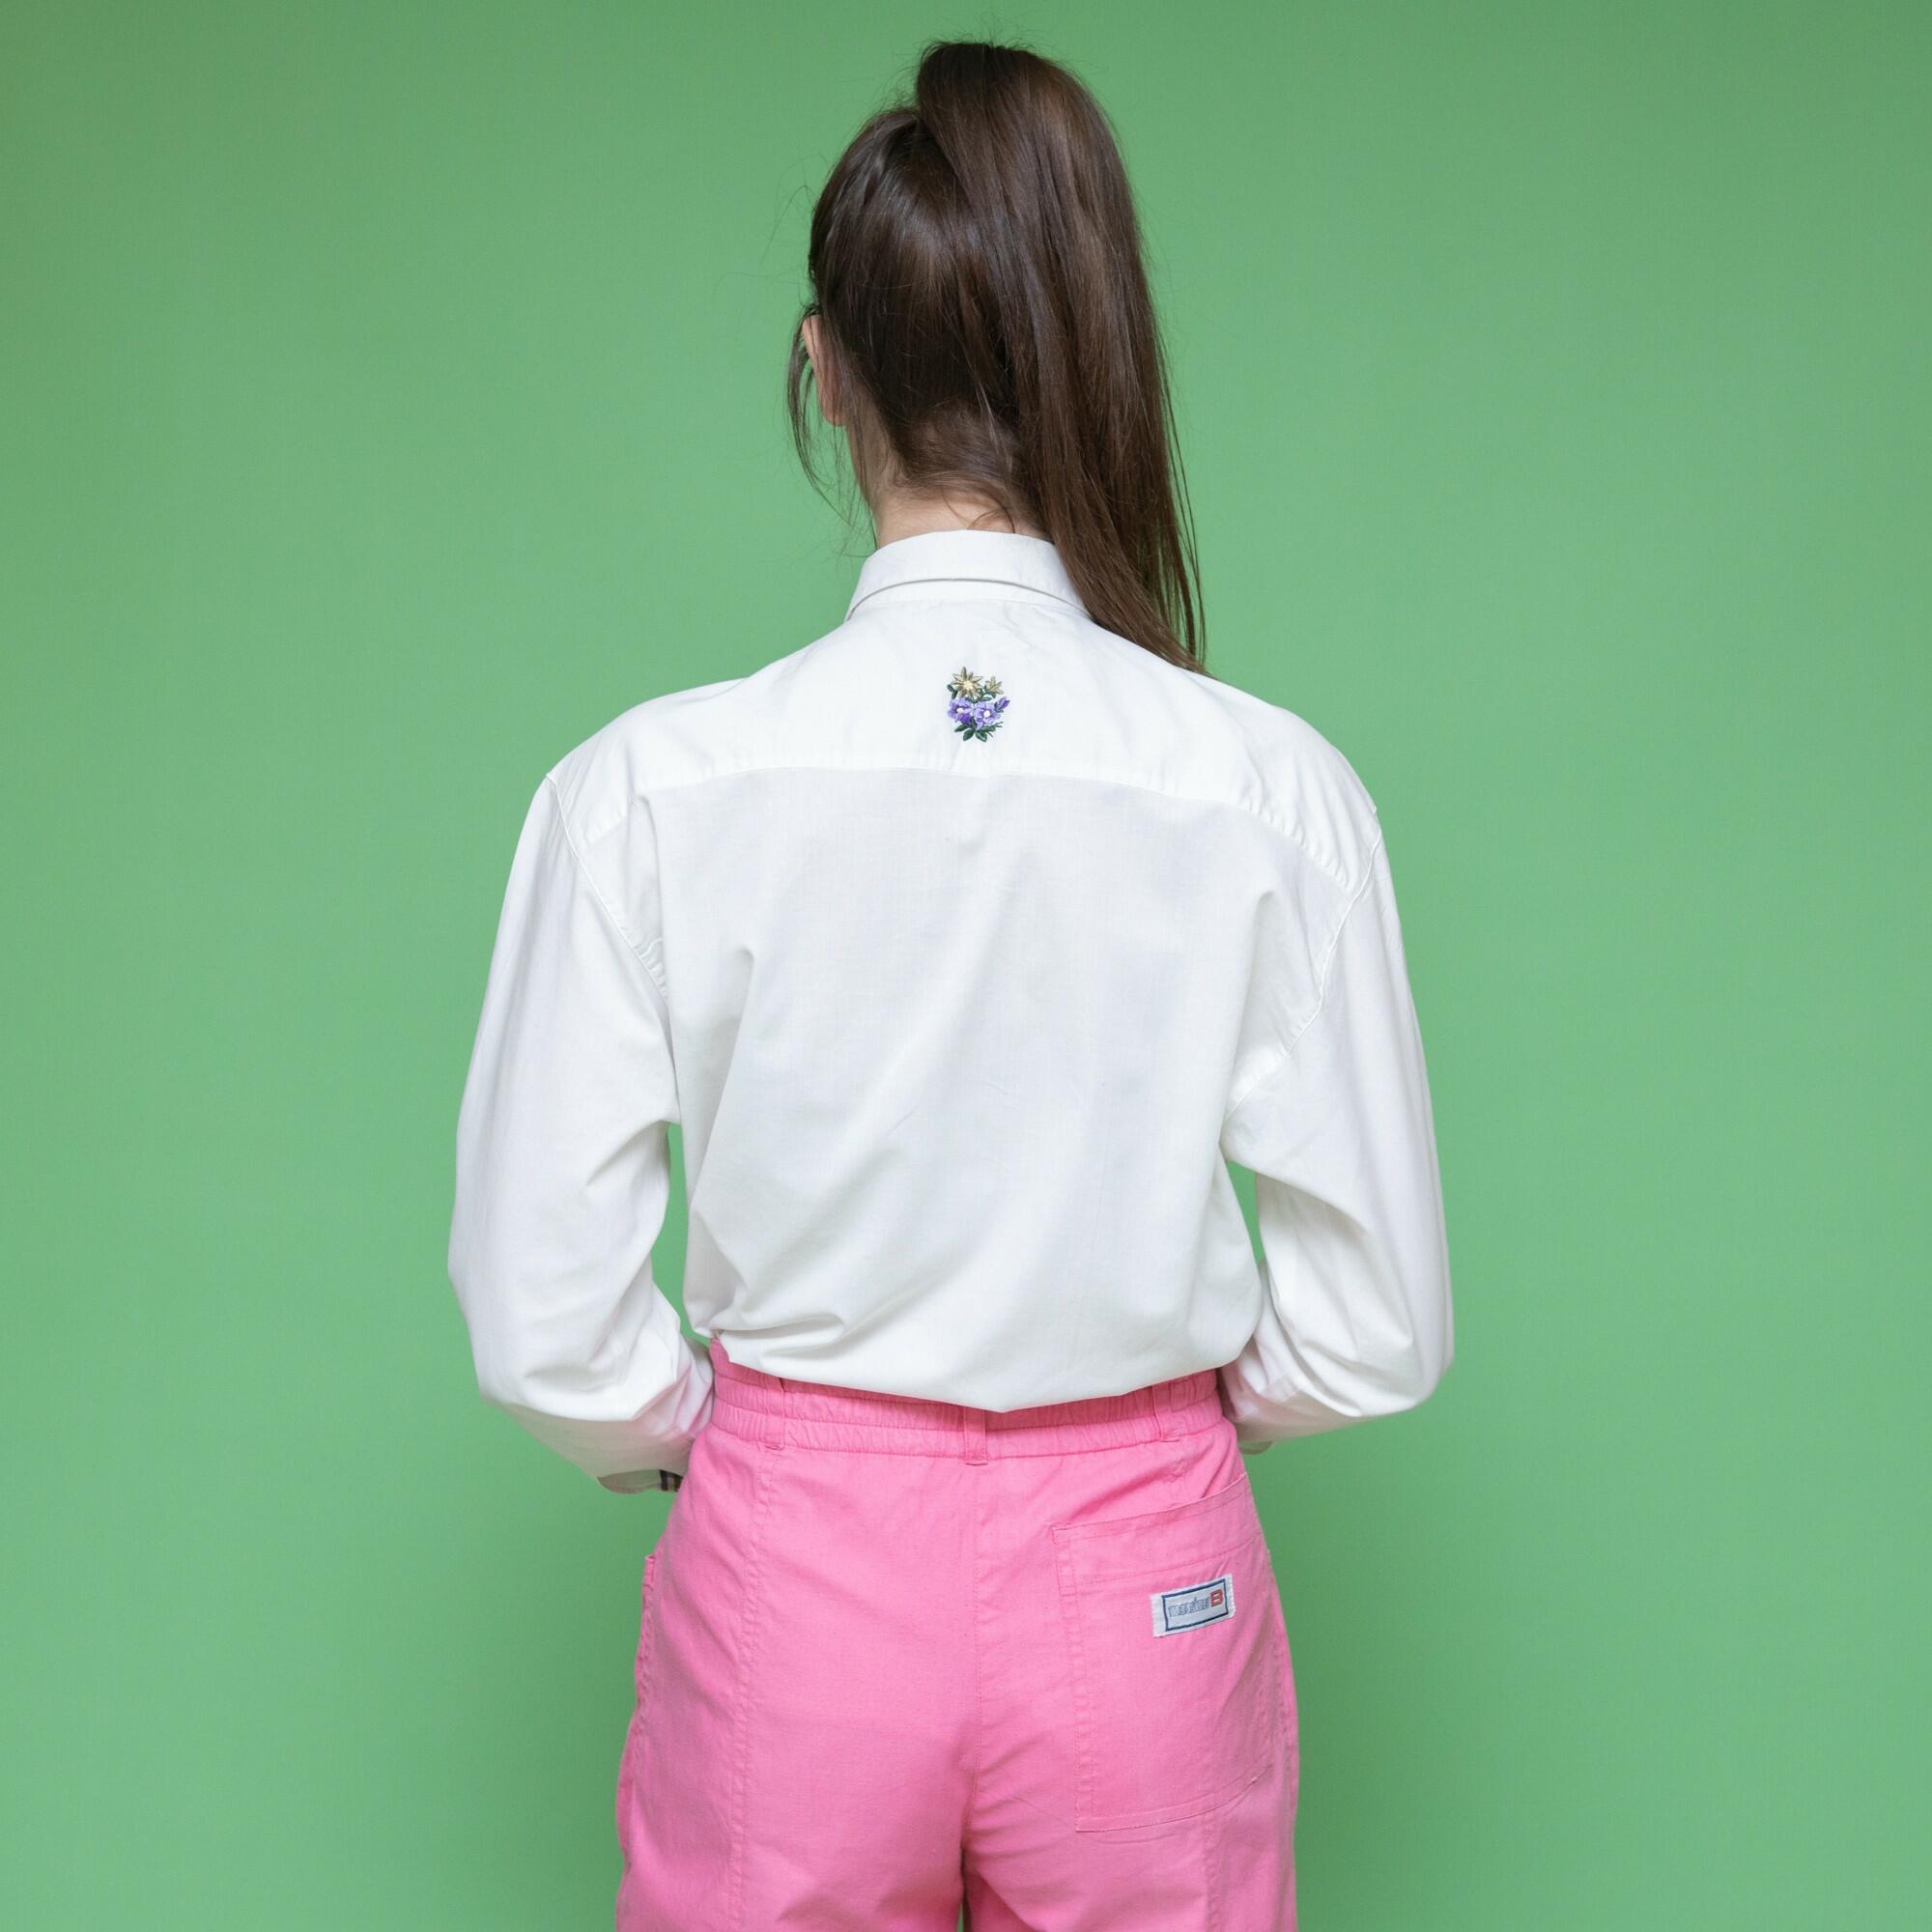 Biała koszula z haftowaną kieszonką - KEX Vintage Store   JestemSlow.pl